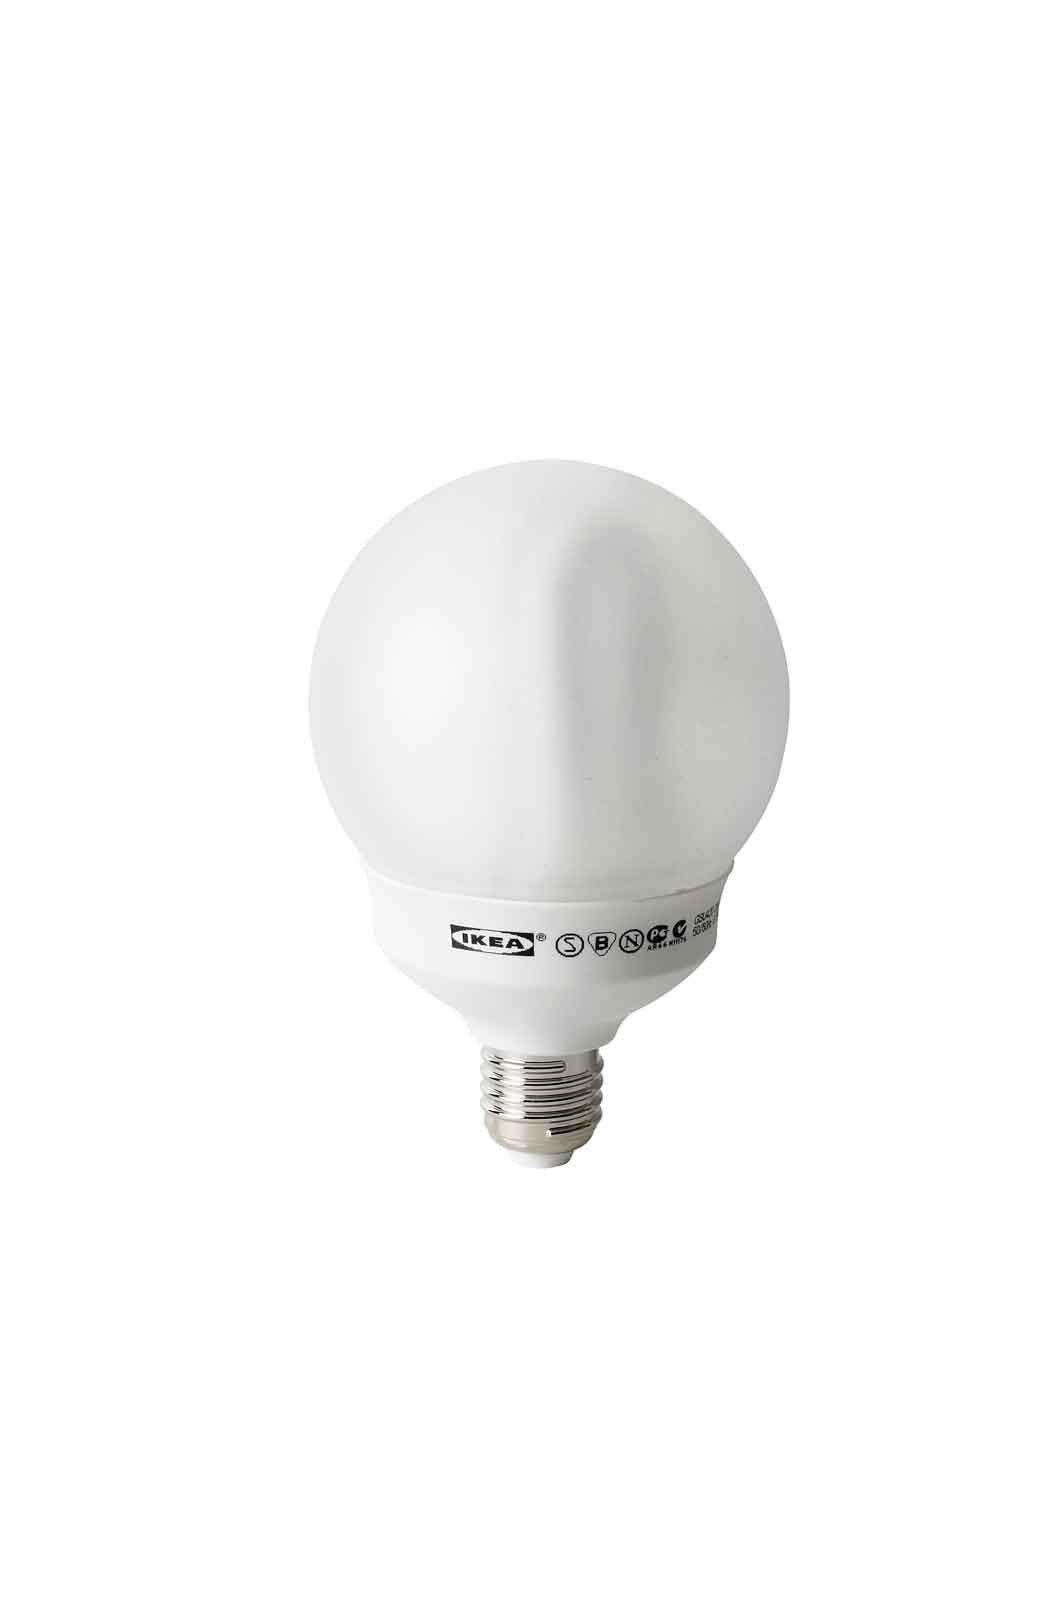 Nuove lampadine obiettivo risparmio cose di casa - Lampadine basso consumo ikea ...